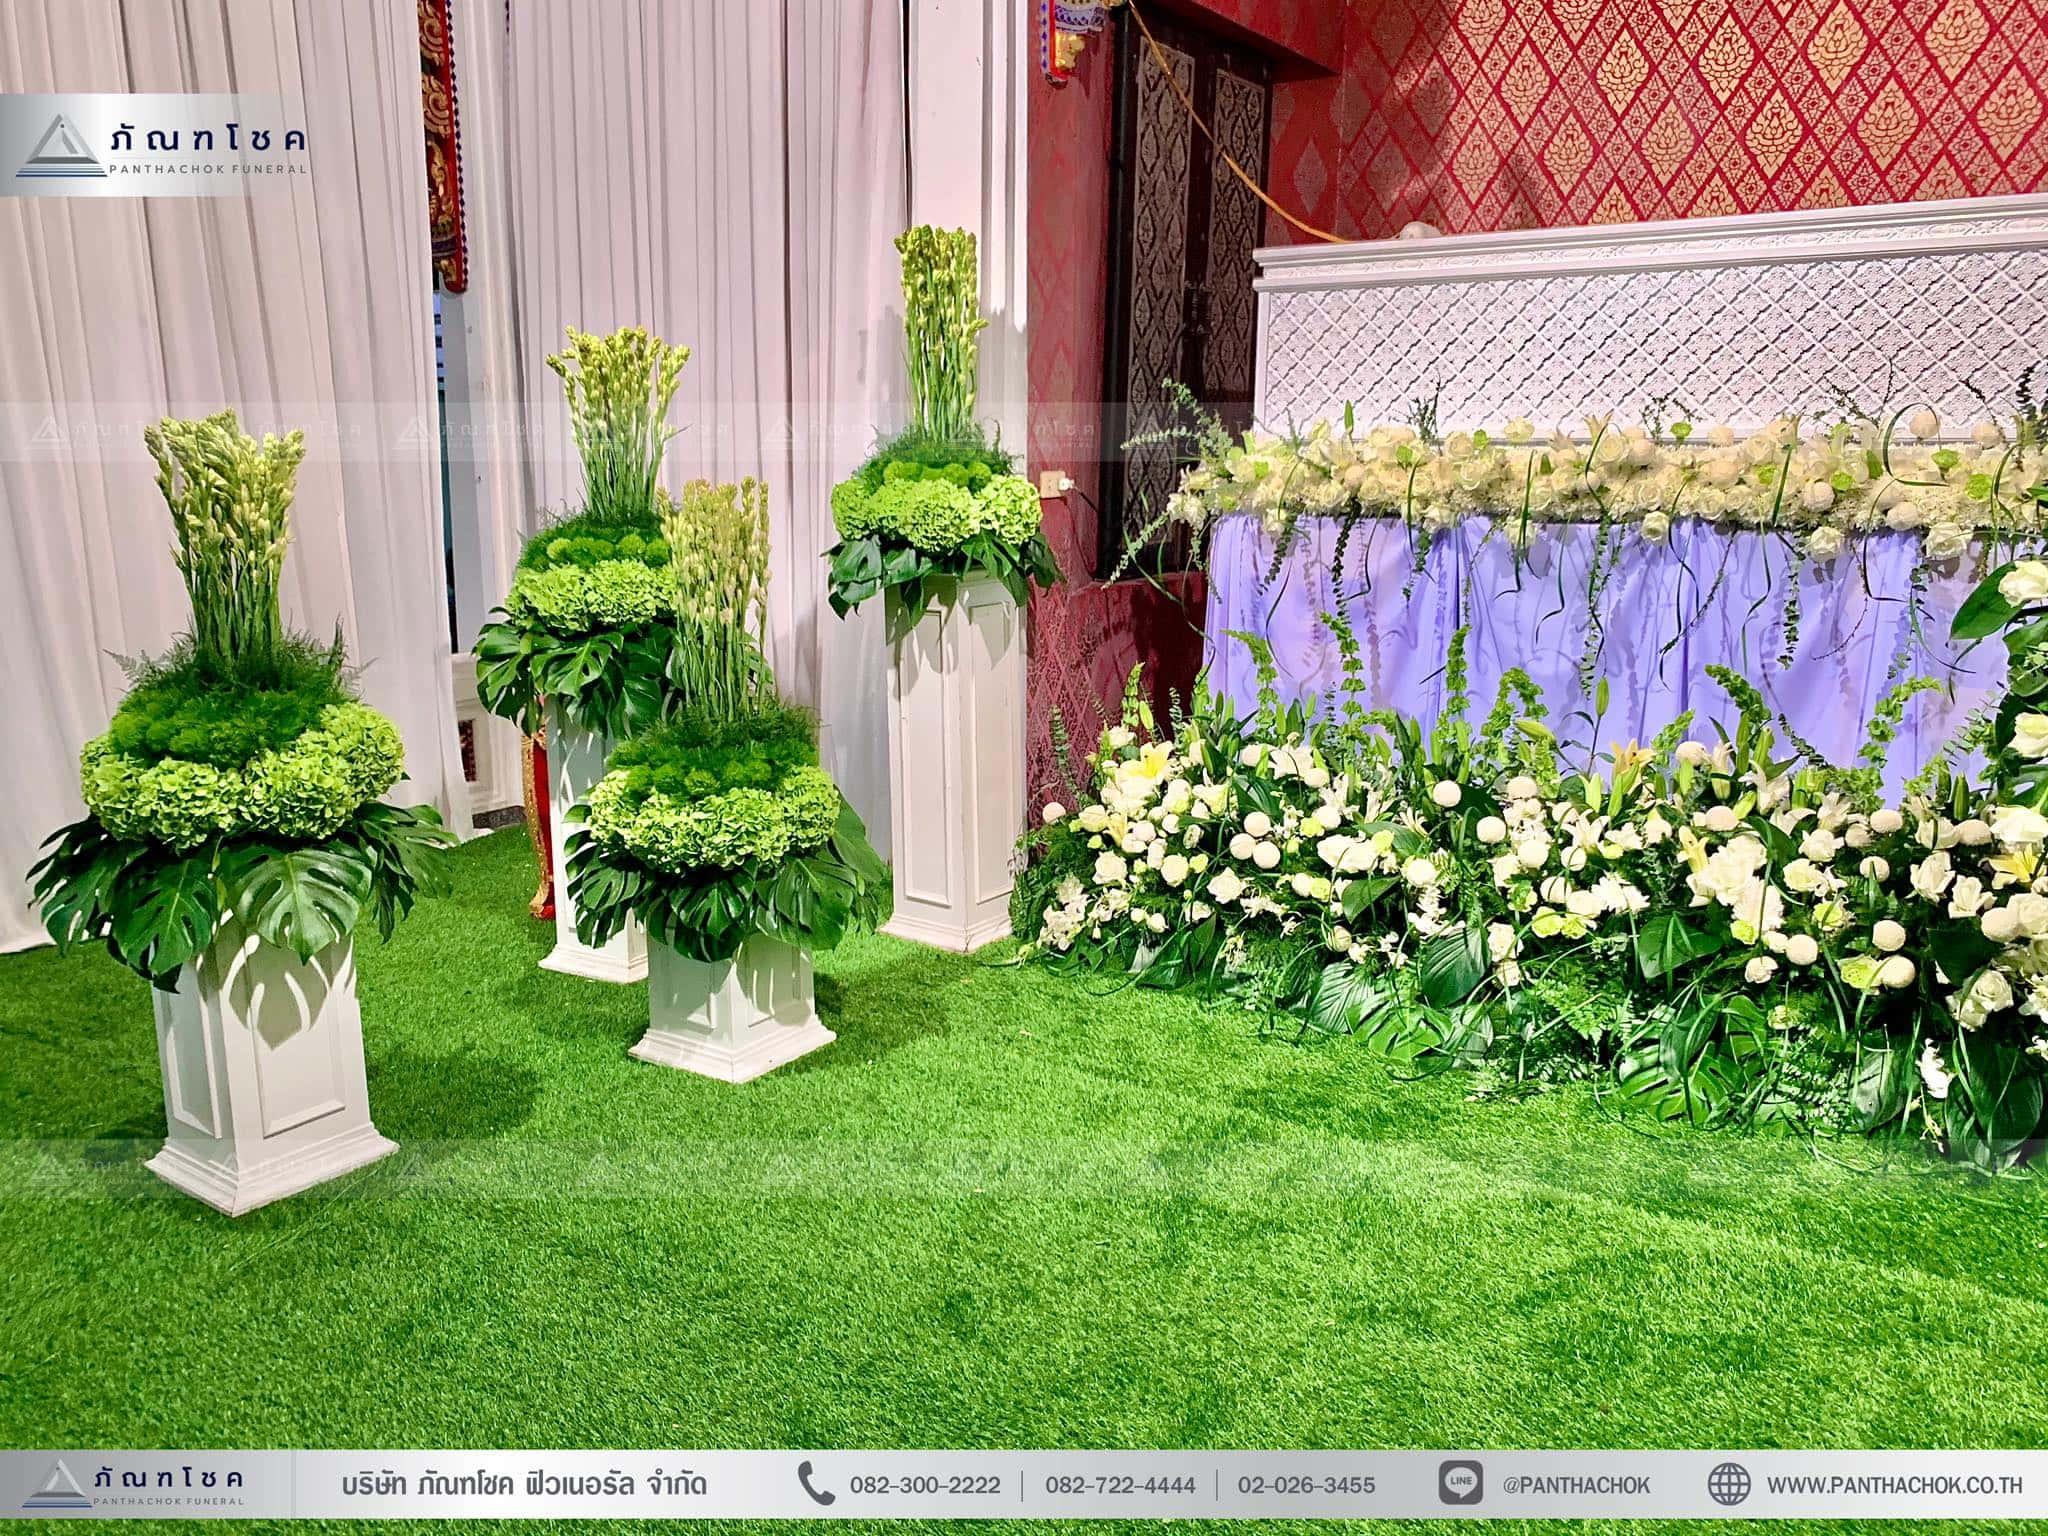 ดอกไม้งานศพในโทนสีขาว-เขียว แนวเรียบหรู รูปแบบแปลกใหม่ 4